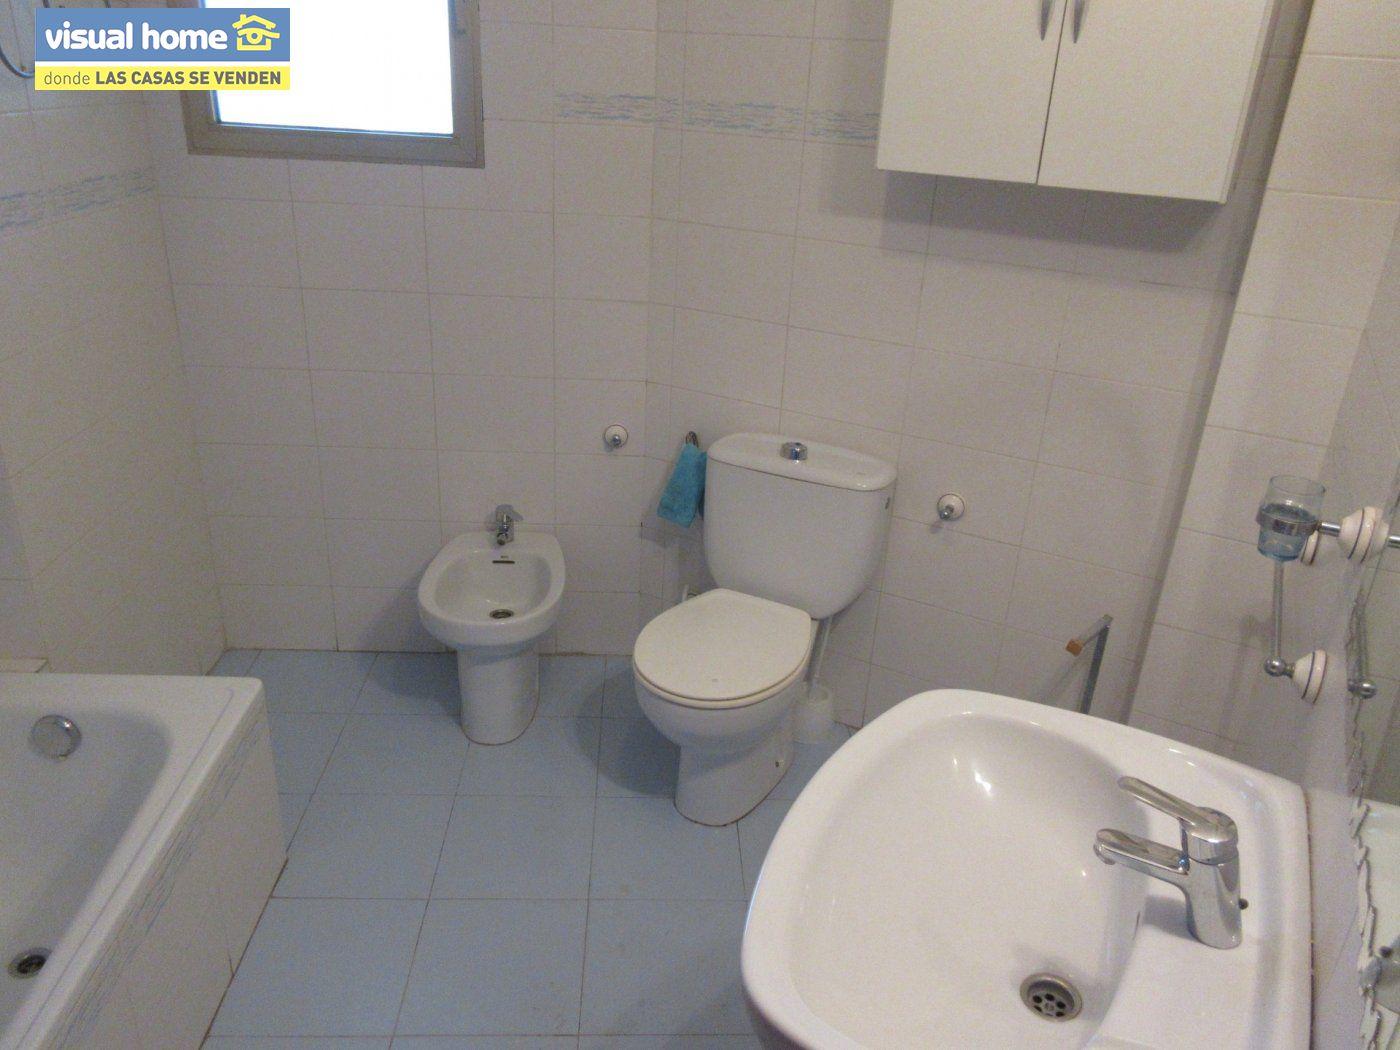 Piso con VISTAS AL MAR, con 3 dormitorios, 2 baños, GARAJE y TRASTERO 11